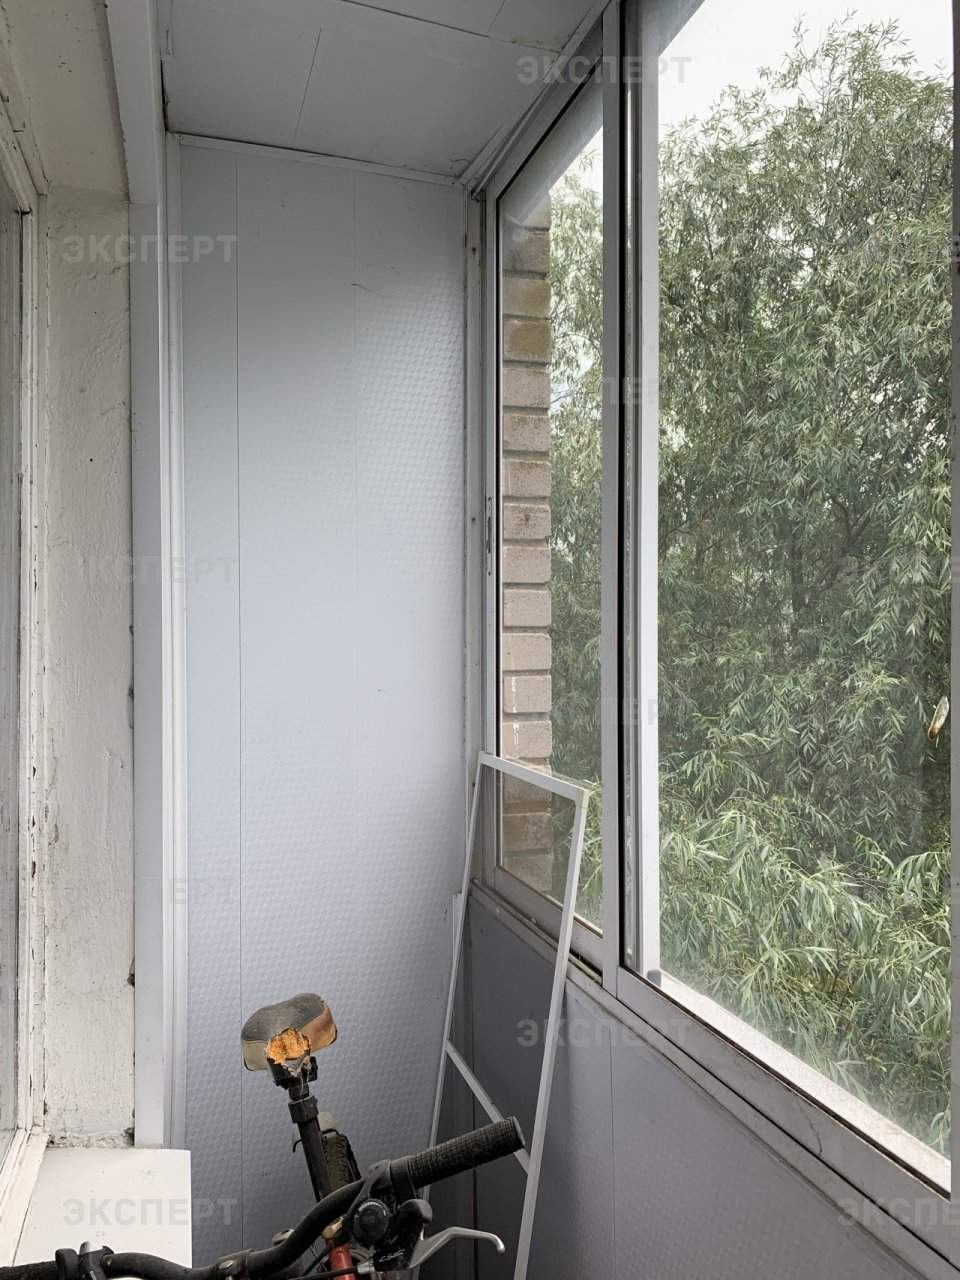 Продажа 1-комнатной квартиры, Великий Новгород, Кочетова улица,  д.33к2